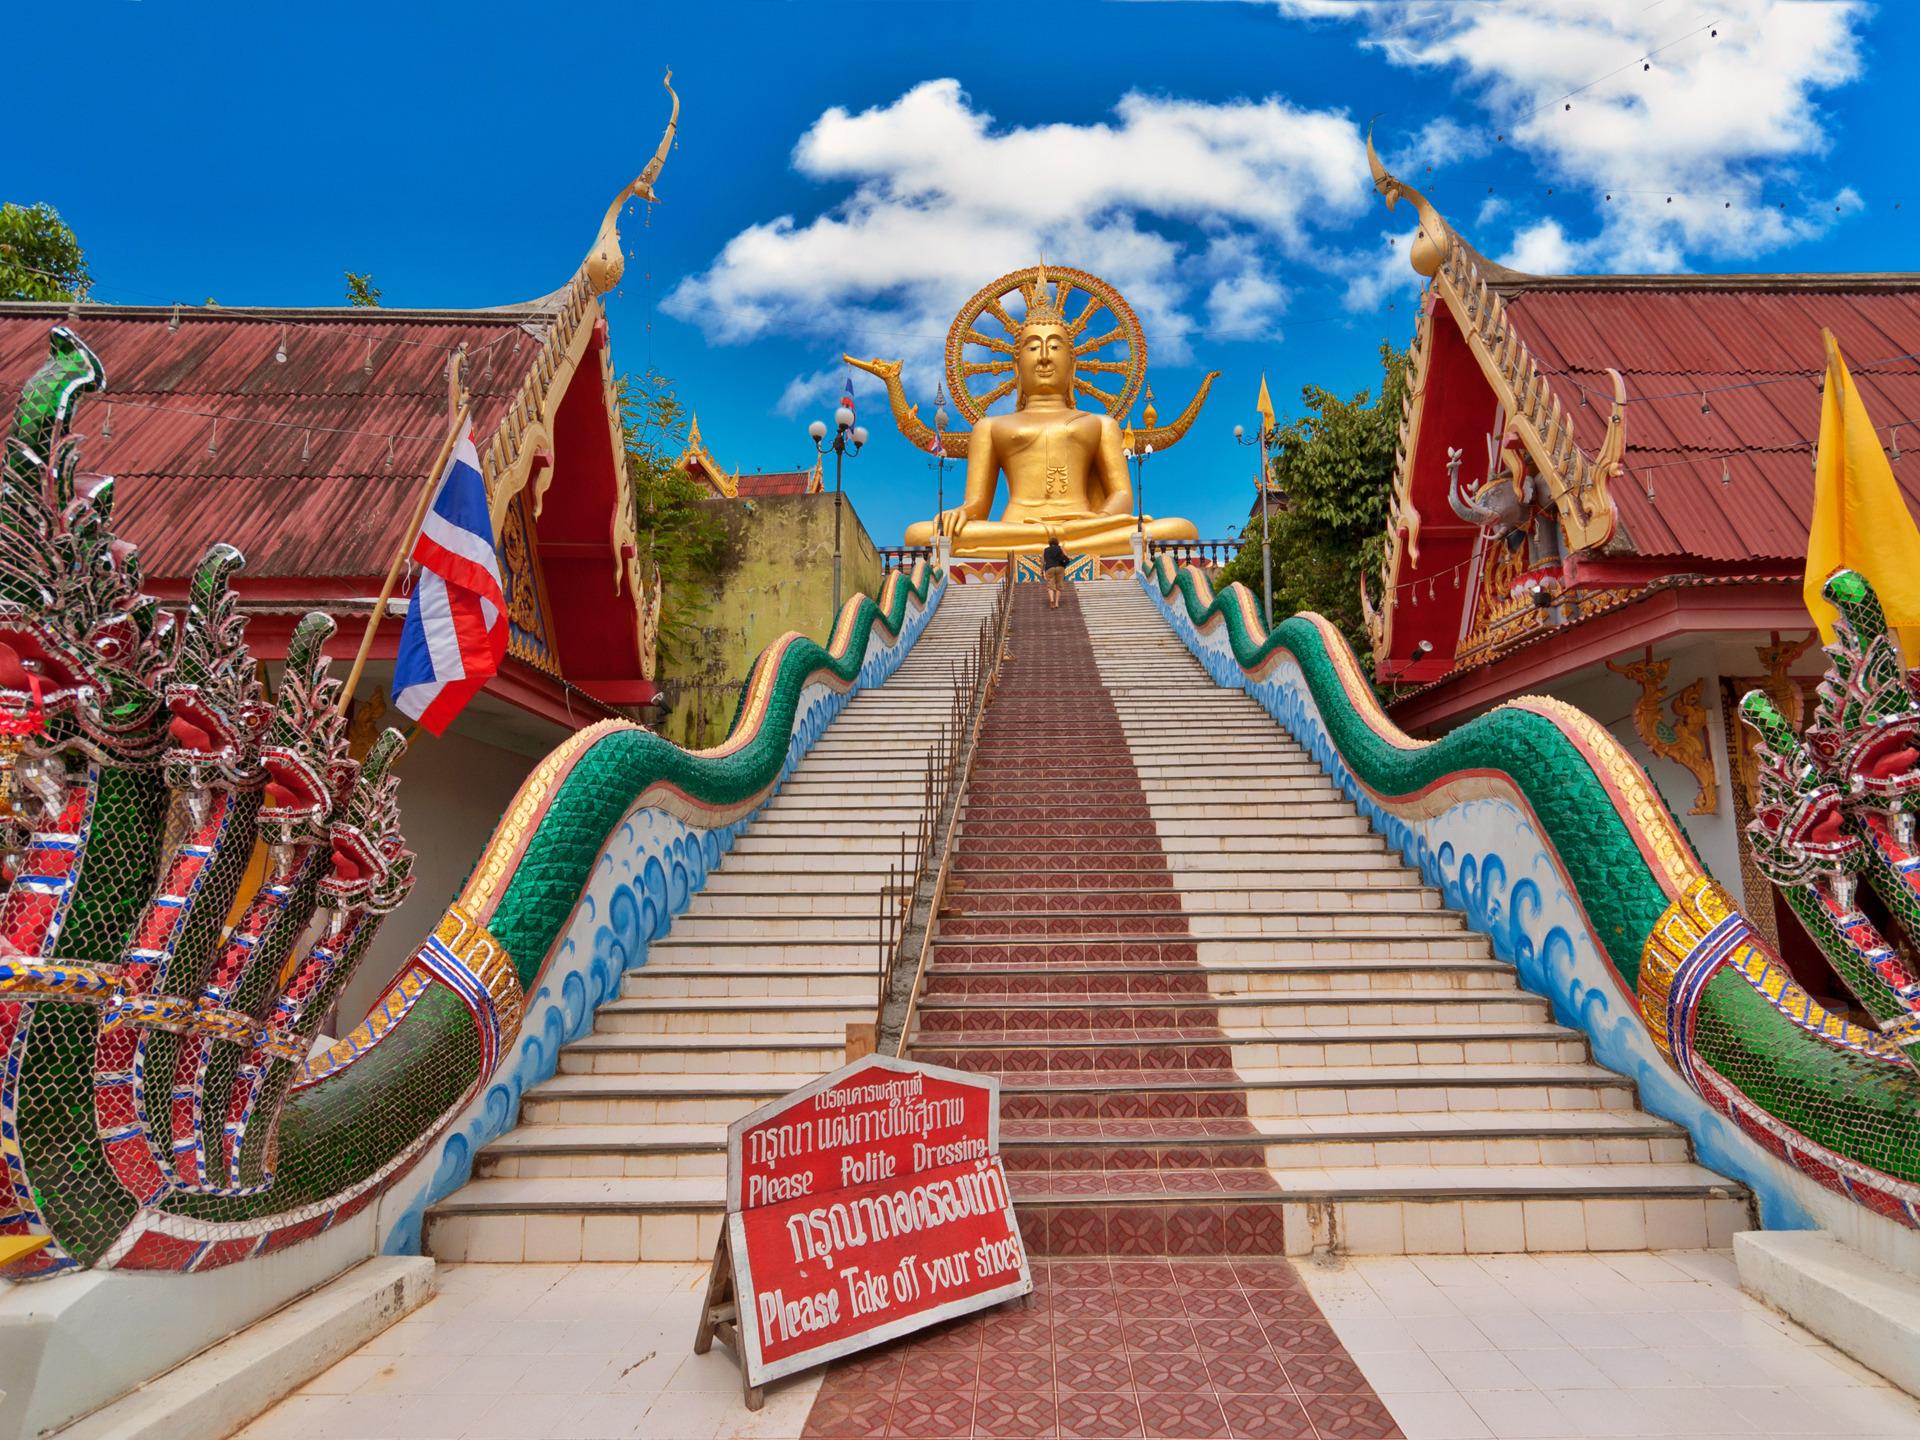 泰国苏梅岛4晚5天自由行5星级航空/kc水上别墅度假村/俯瞰苏梅(新加坡